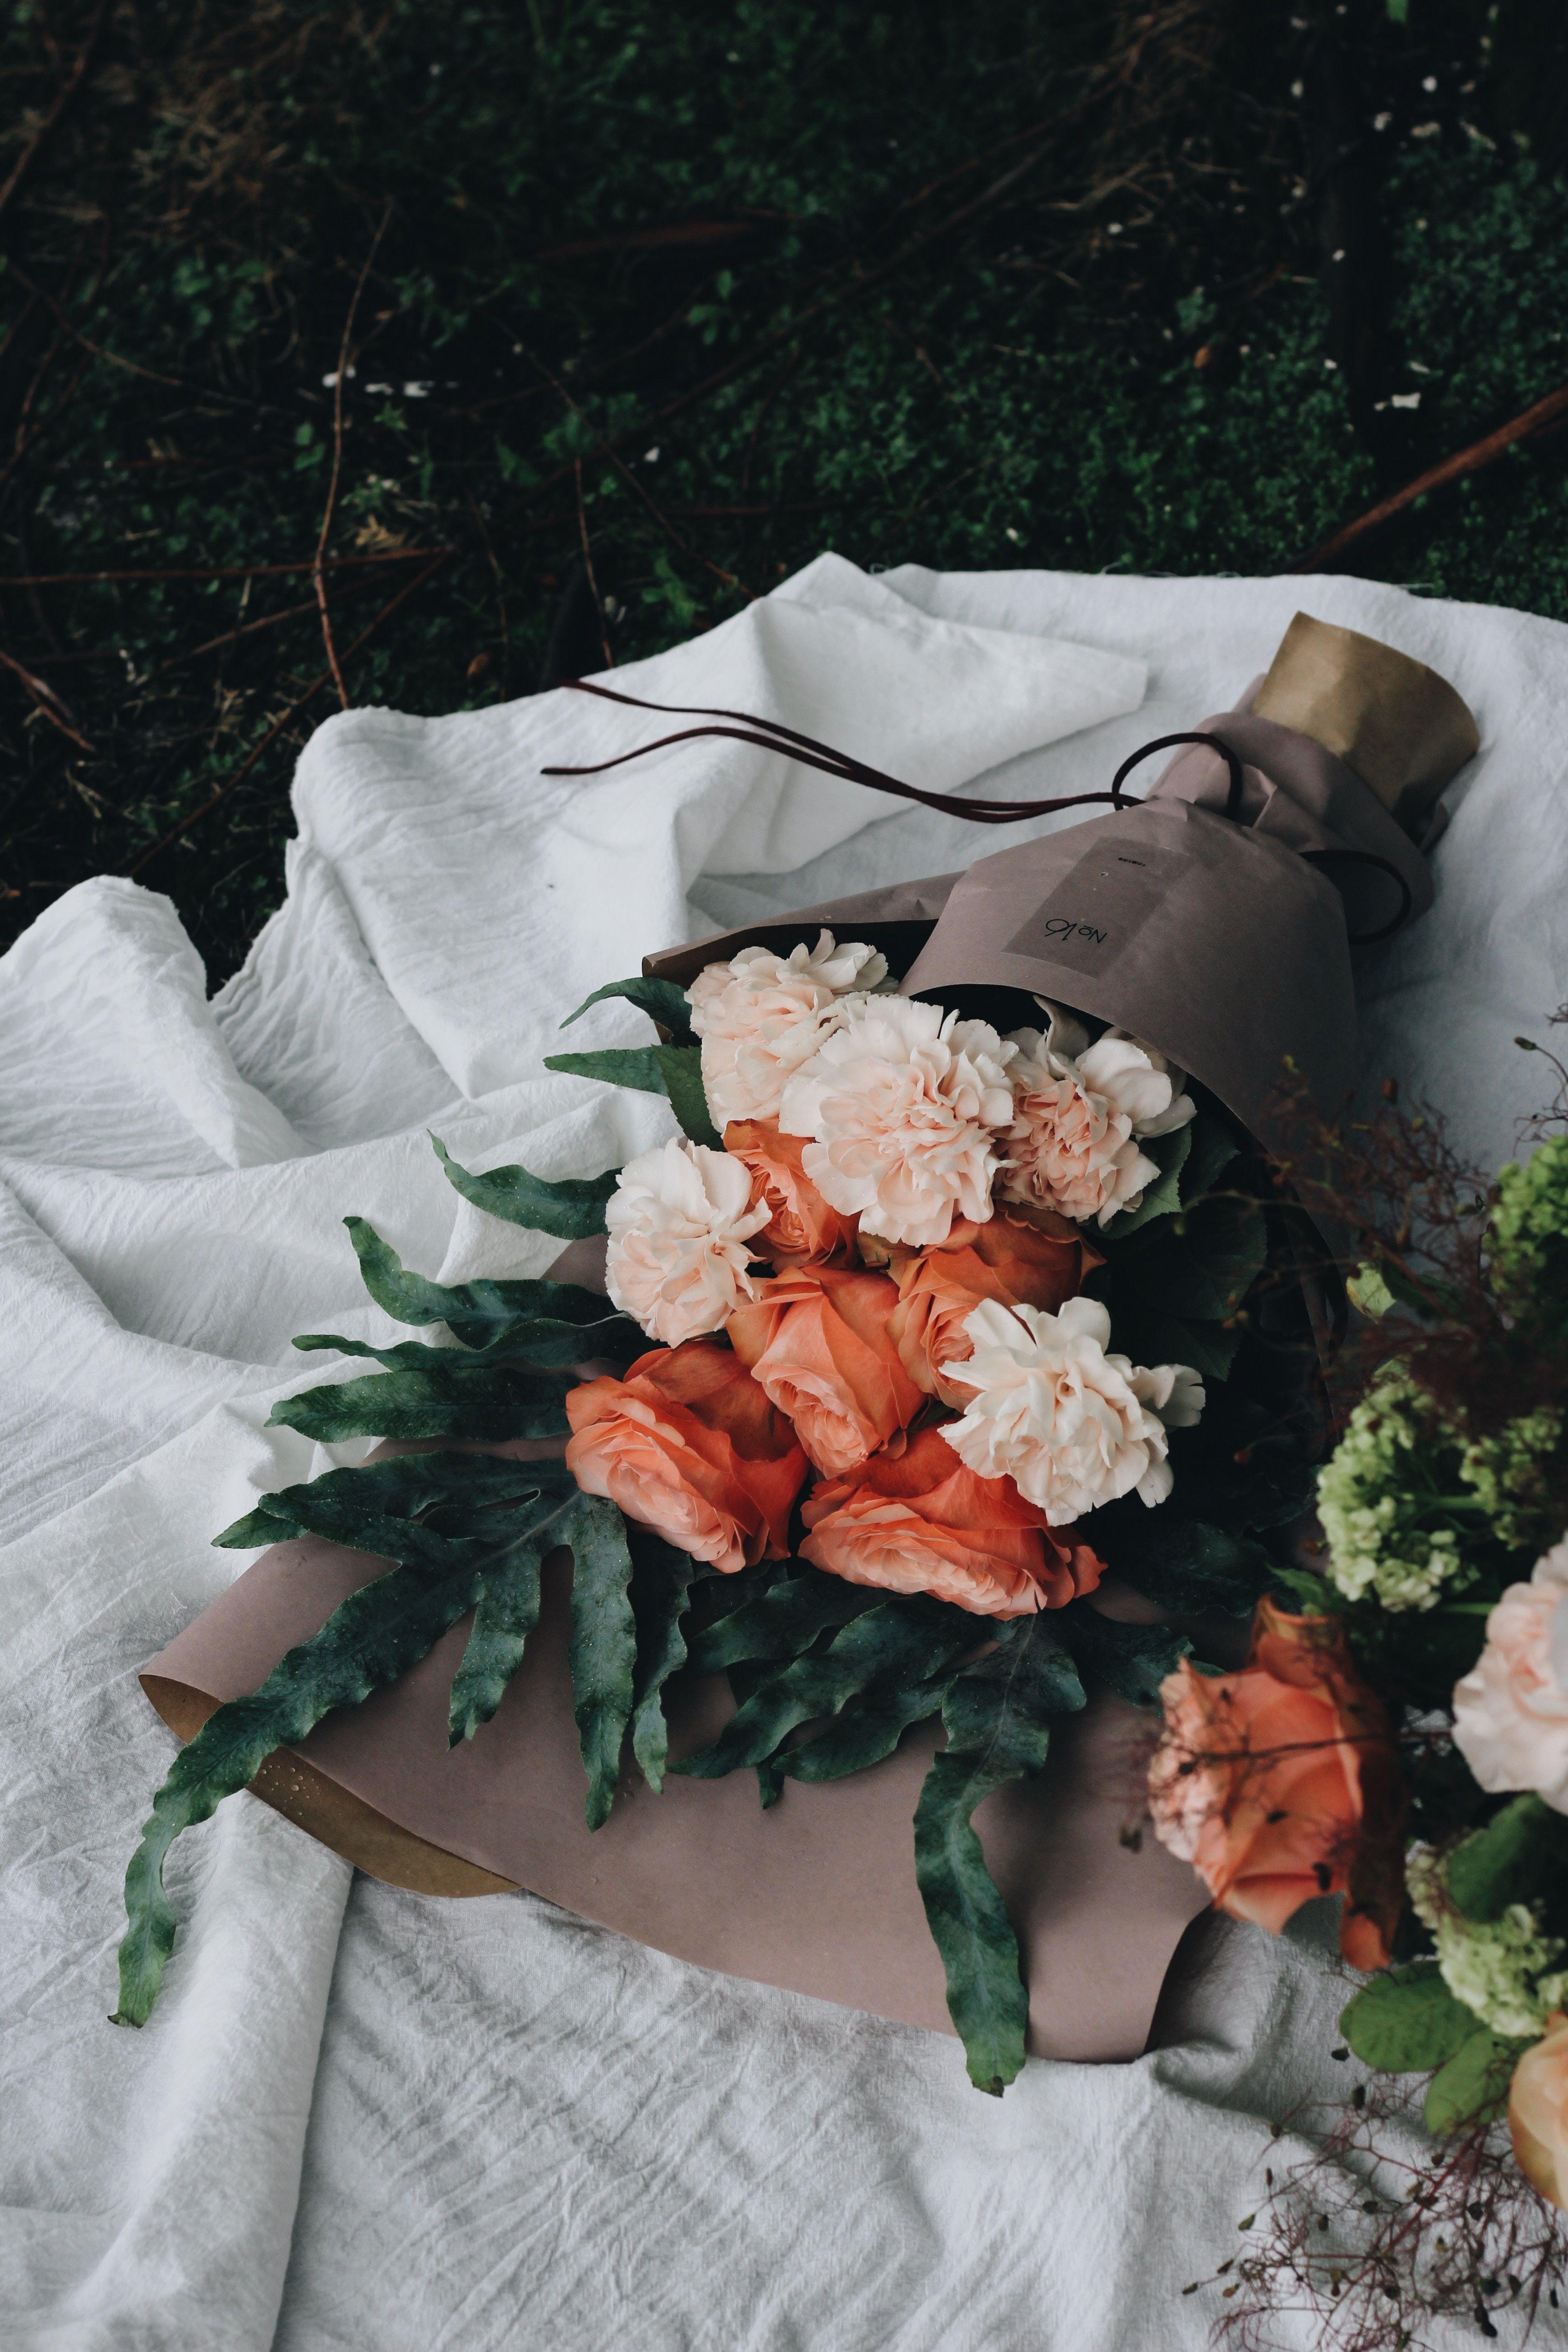 Bouquet Sposa Zagara.Bouquet Sposa Come Sceglierlo E Il Suo Significato